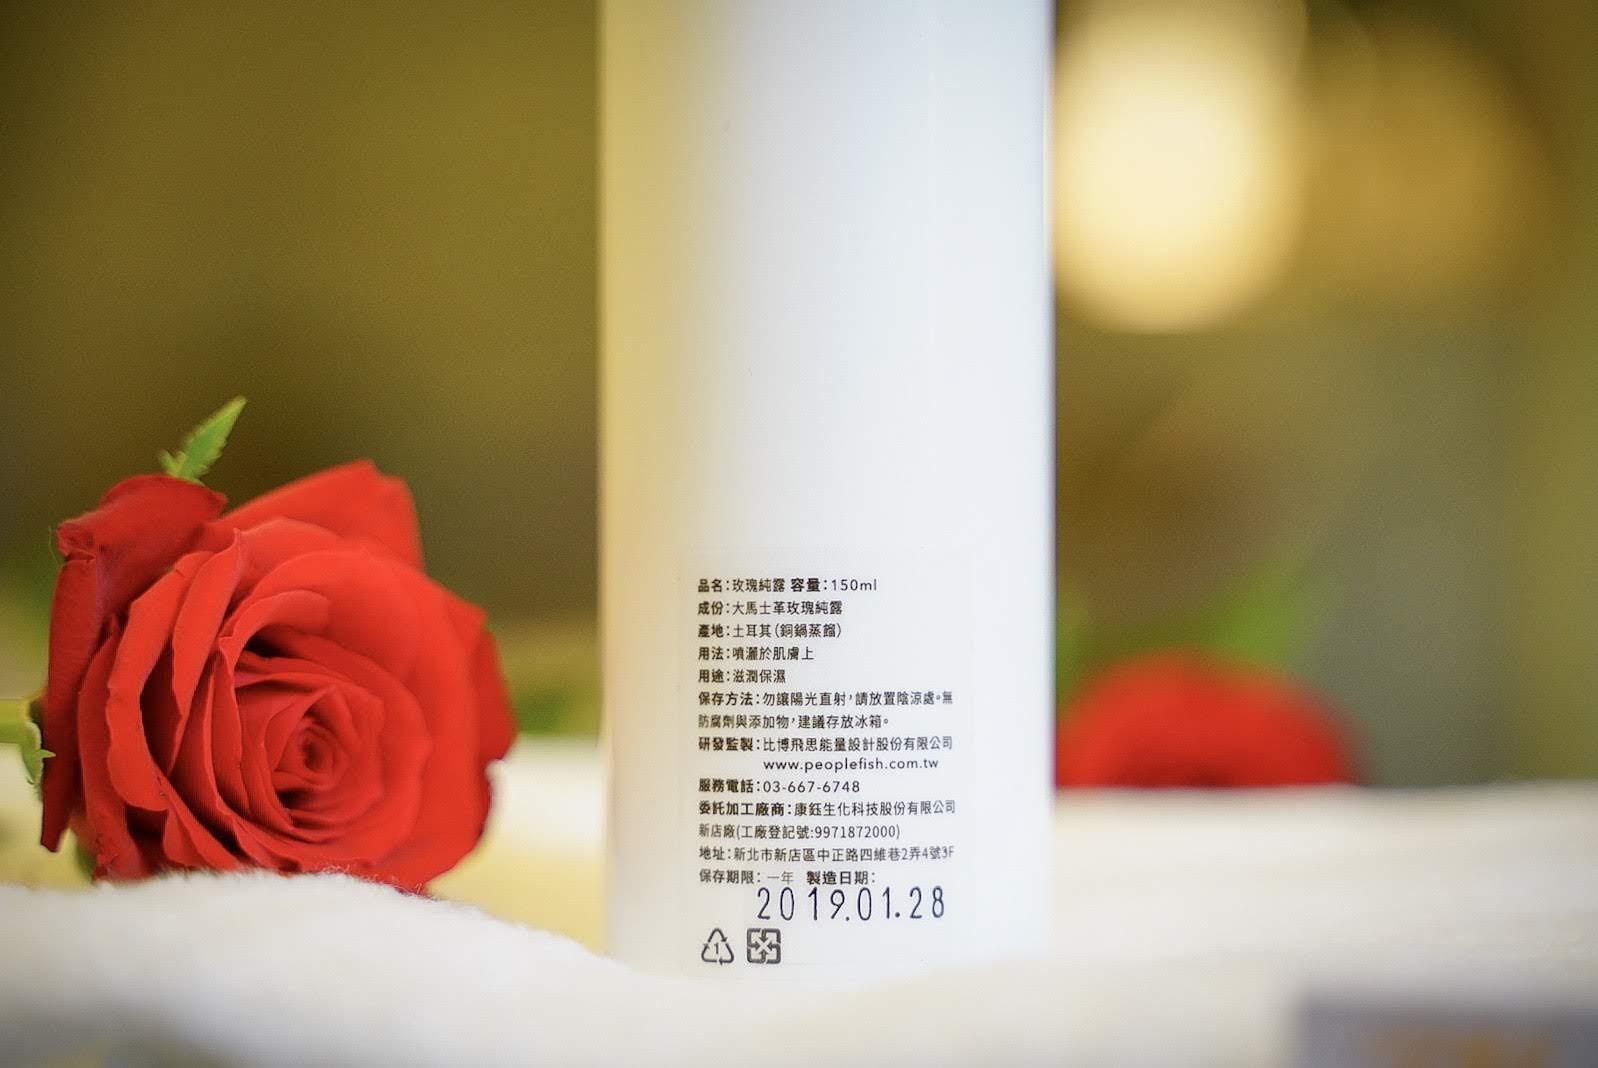 大馬士革玫瑰純露瓶身標示-人間魚純露化妝水推薦